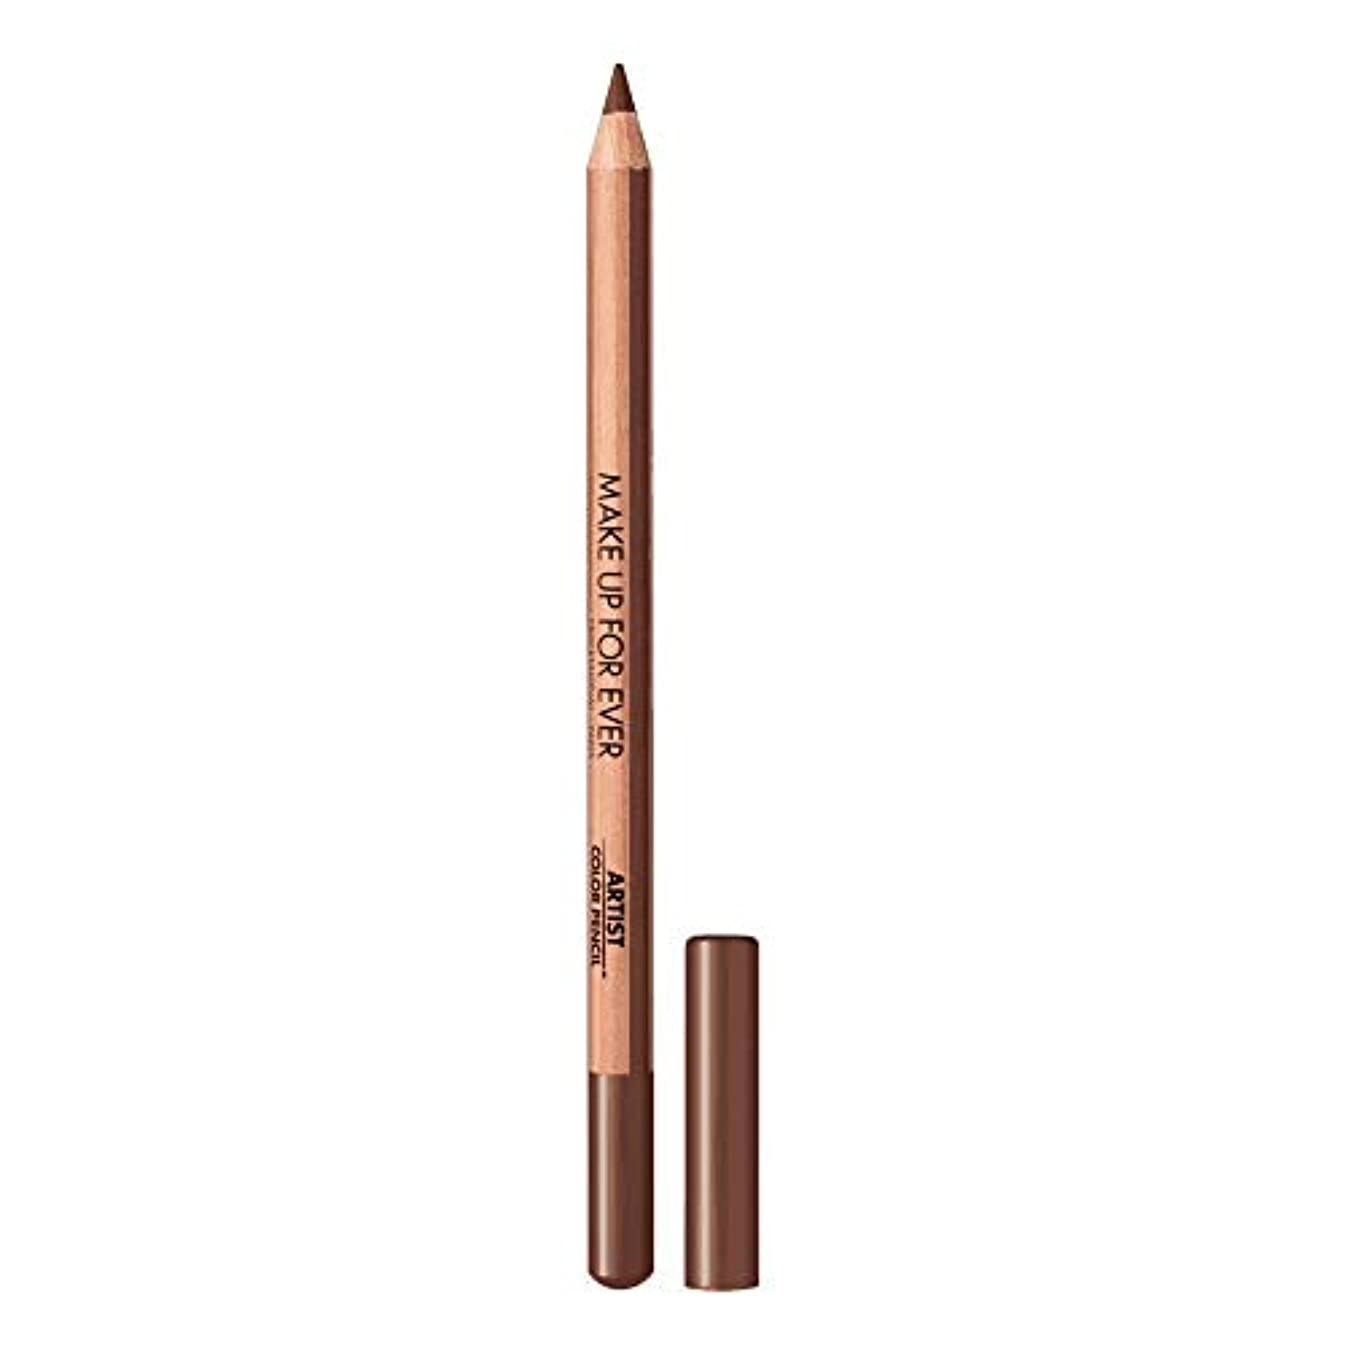 超える地雷原実際のメイクアップフォーエバー Artist Color Pencil - # 608 Limitless Brown 1.41g/0.04oz並行輸入品